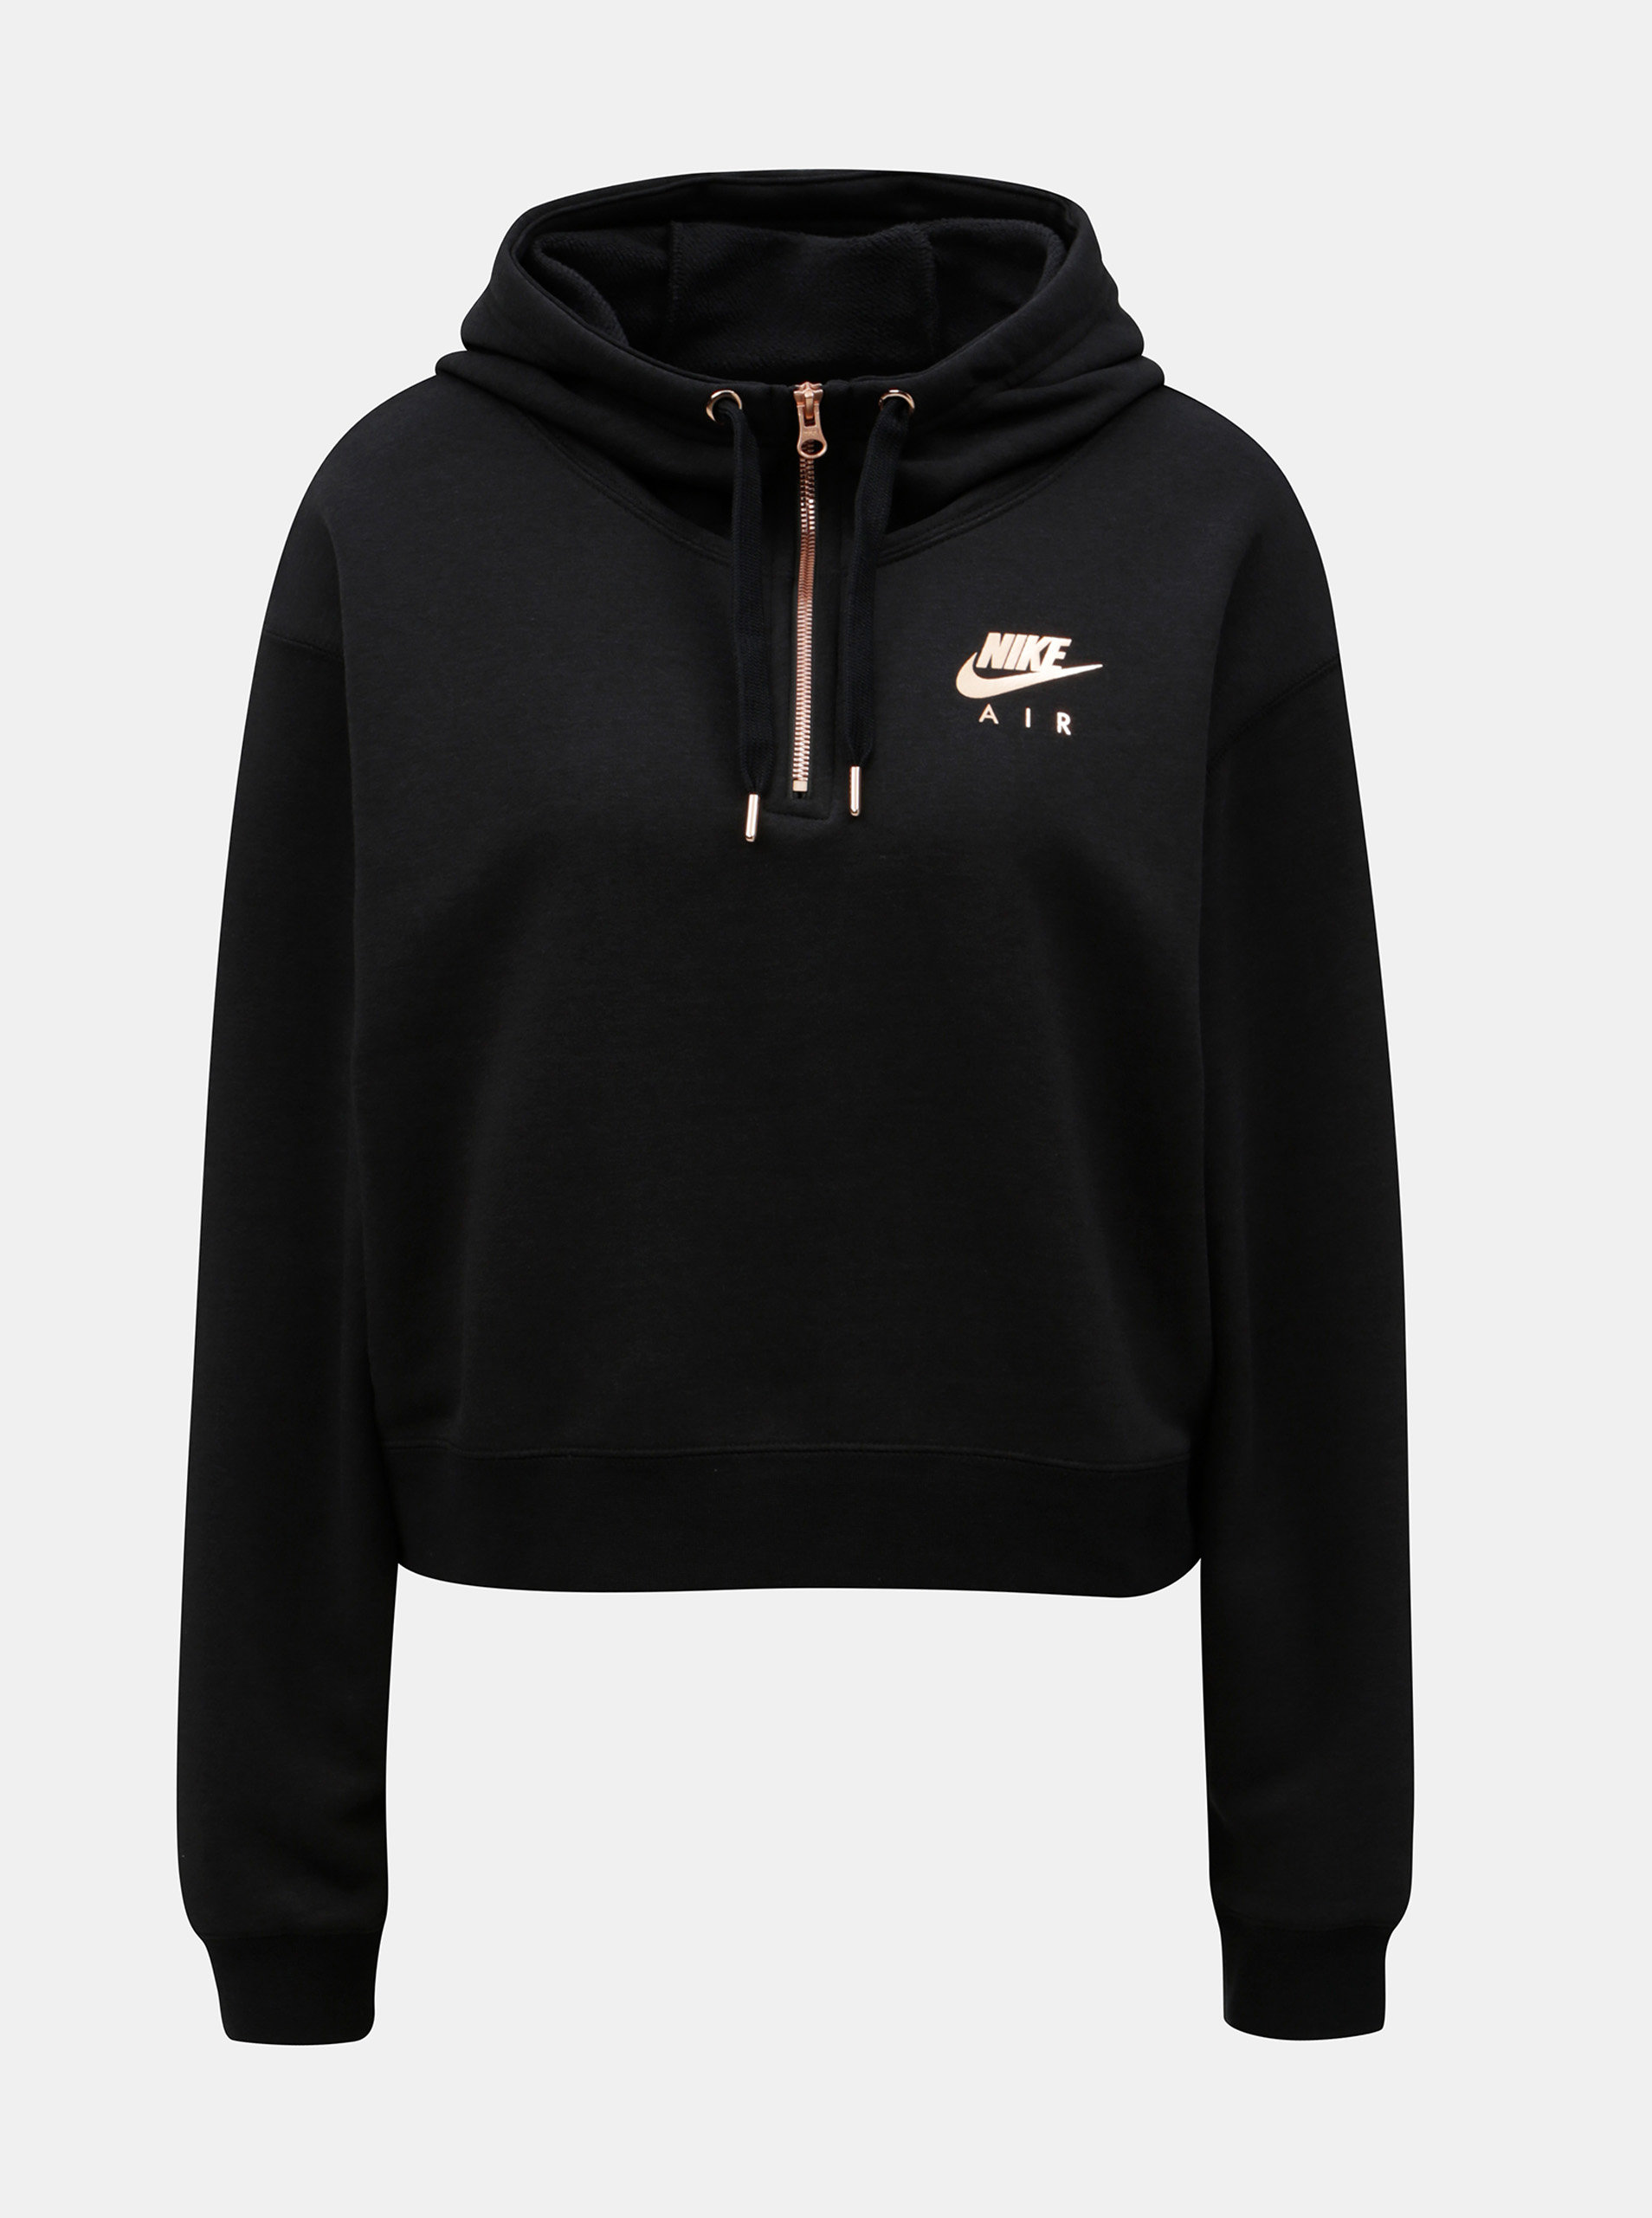 Černá dámská oversize zkrácená mikina s kapucí Nike 781fffb7b6